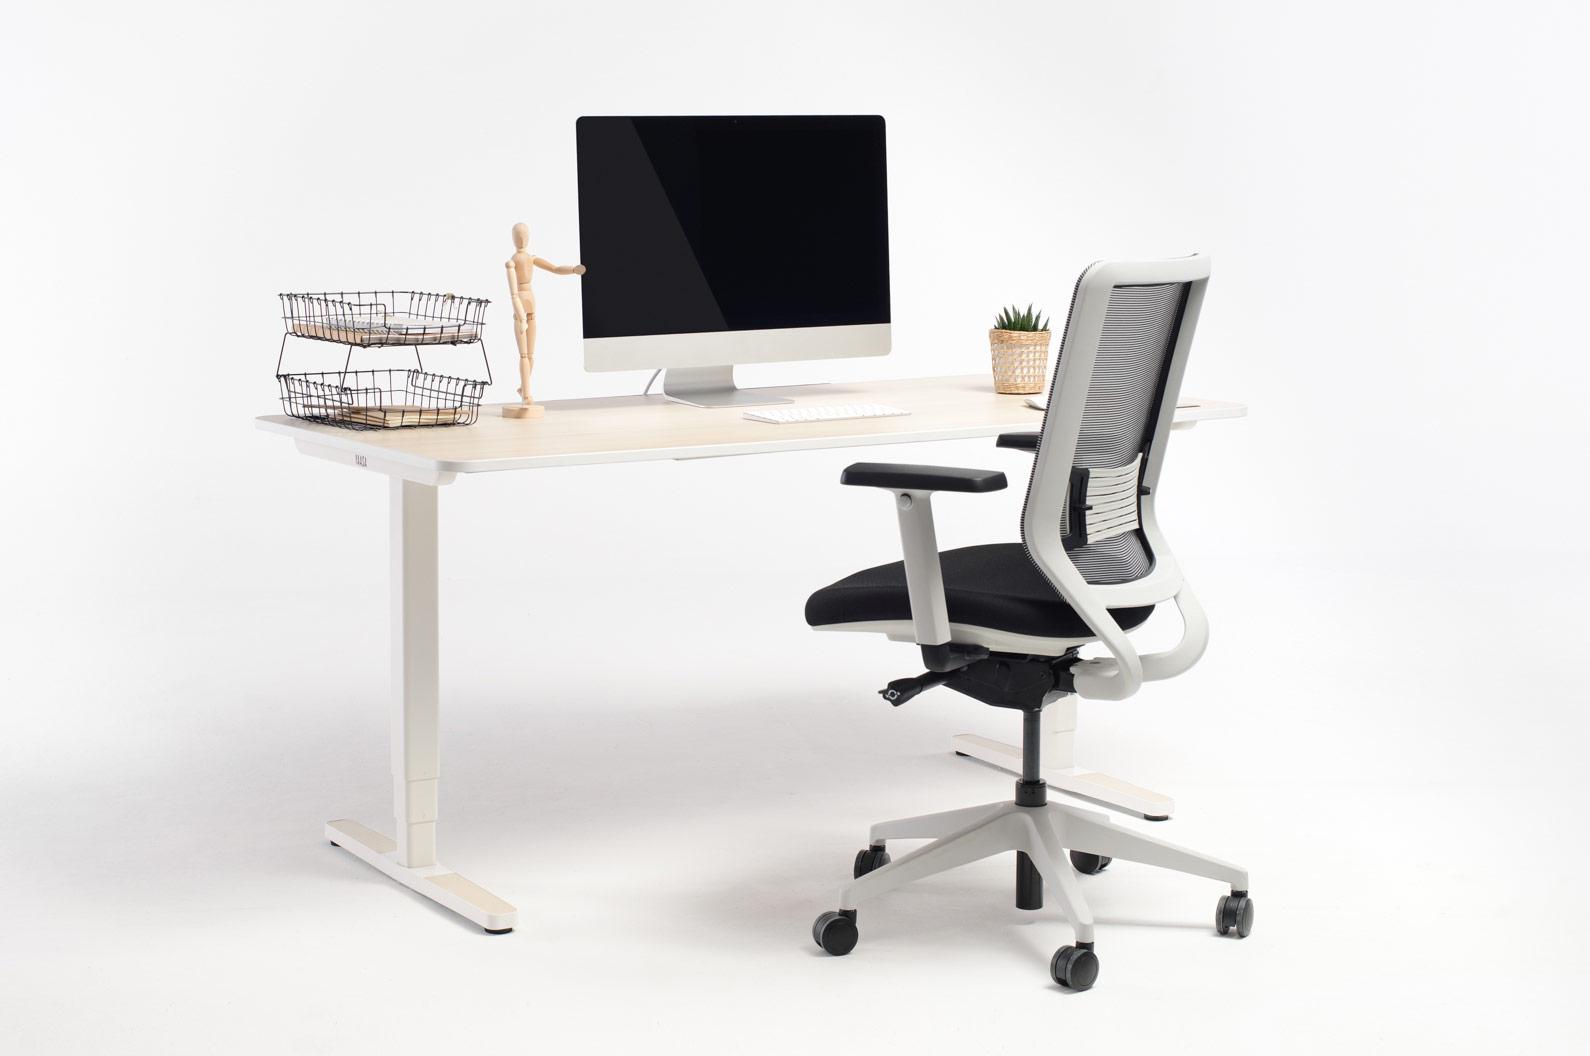 Ein mit Yaasa ausgestattetes Büro ermöglicht ergonomisches und flexibles Arbeiten.